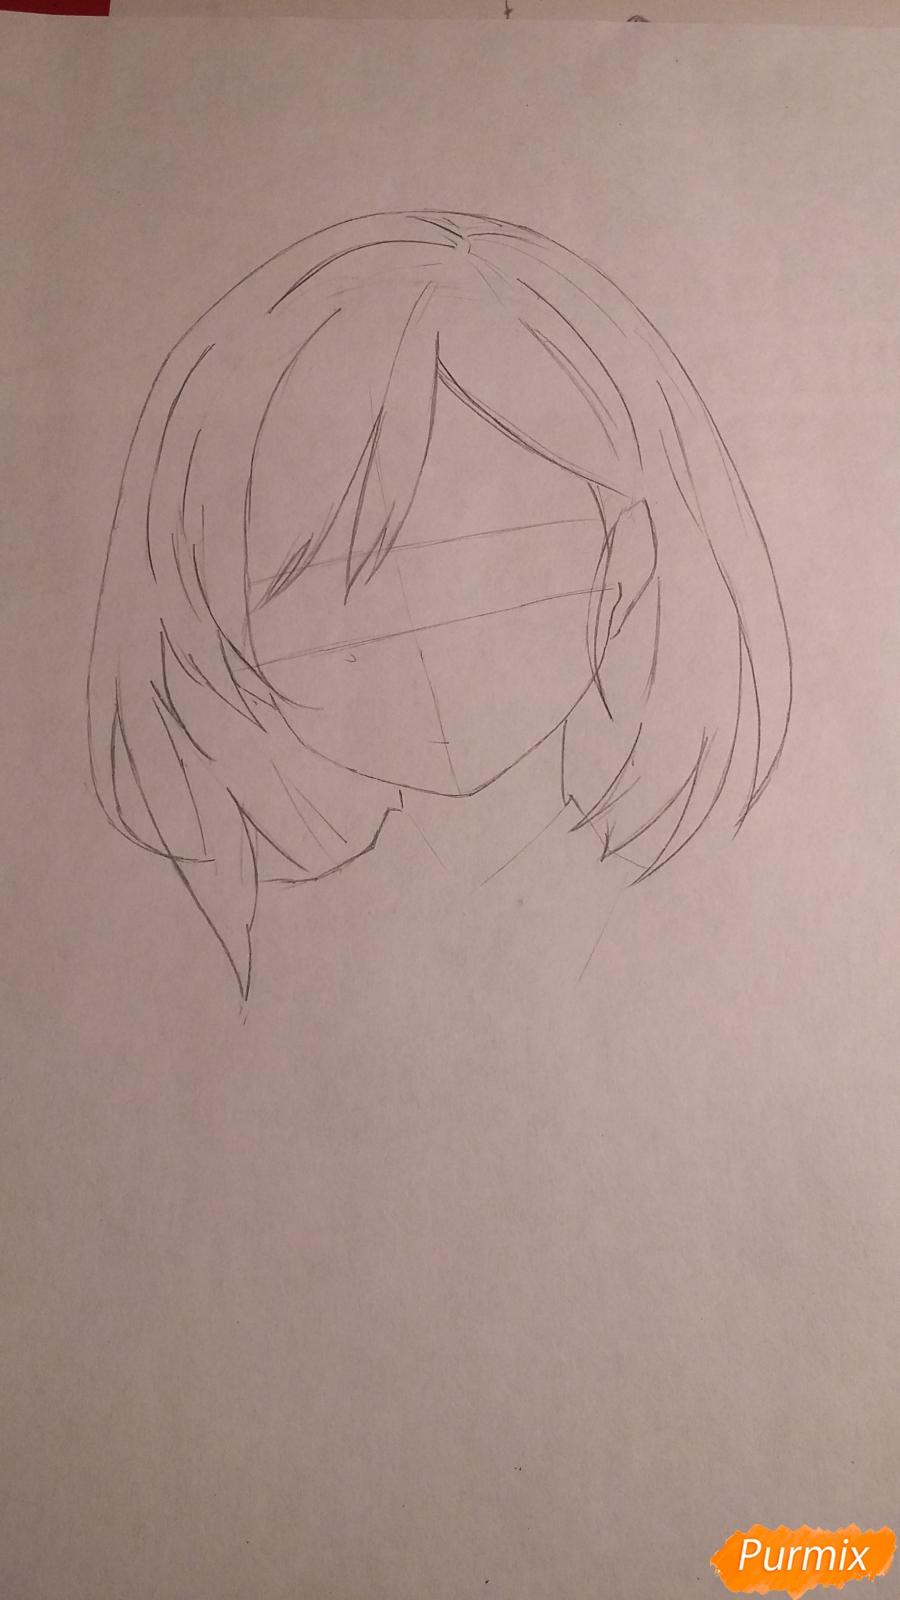 Как нарисовать протрет девушки в аниме стиле карандашом поэтапно - шаг 2